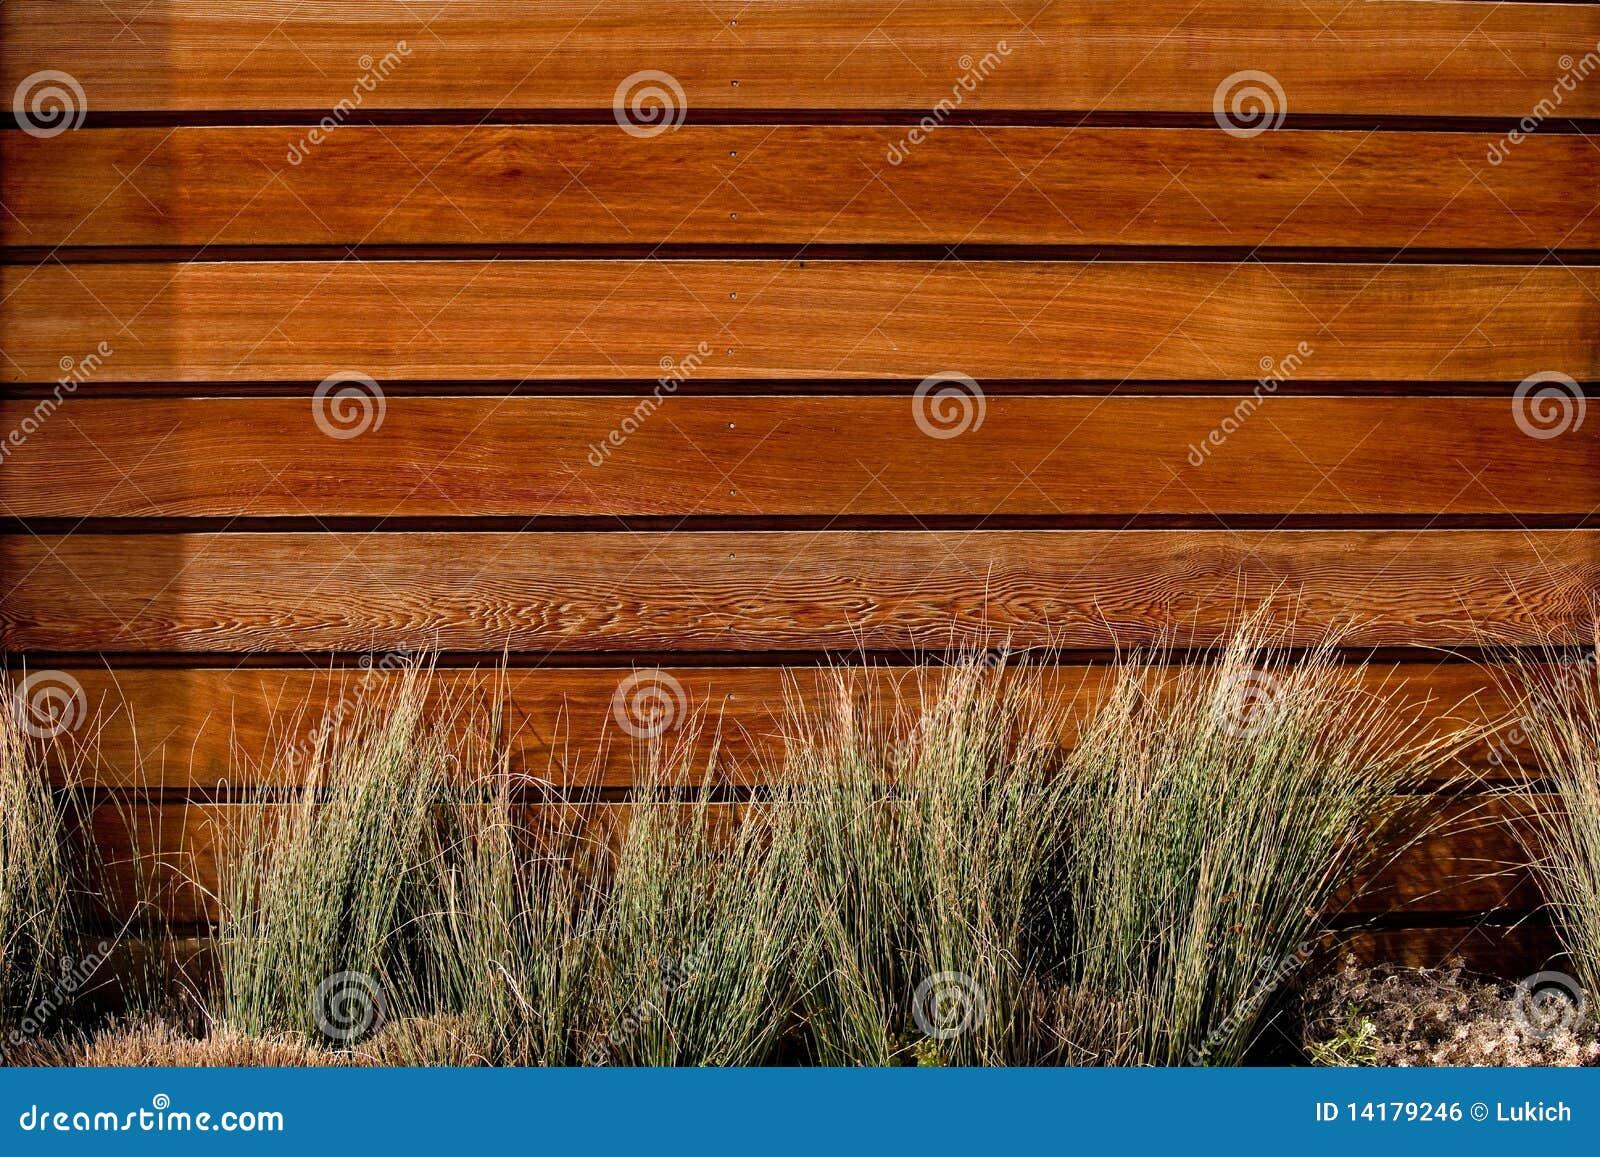 Horizontal Slat Wood Fence Stock Photo Image Of Boards